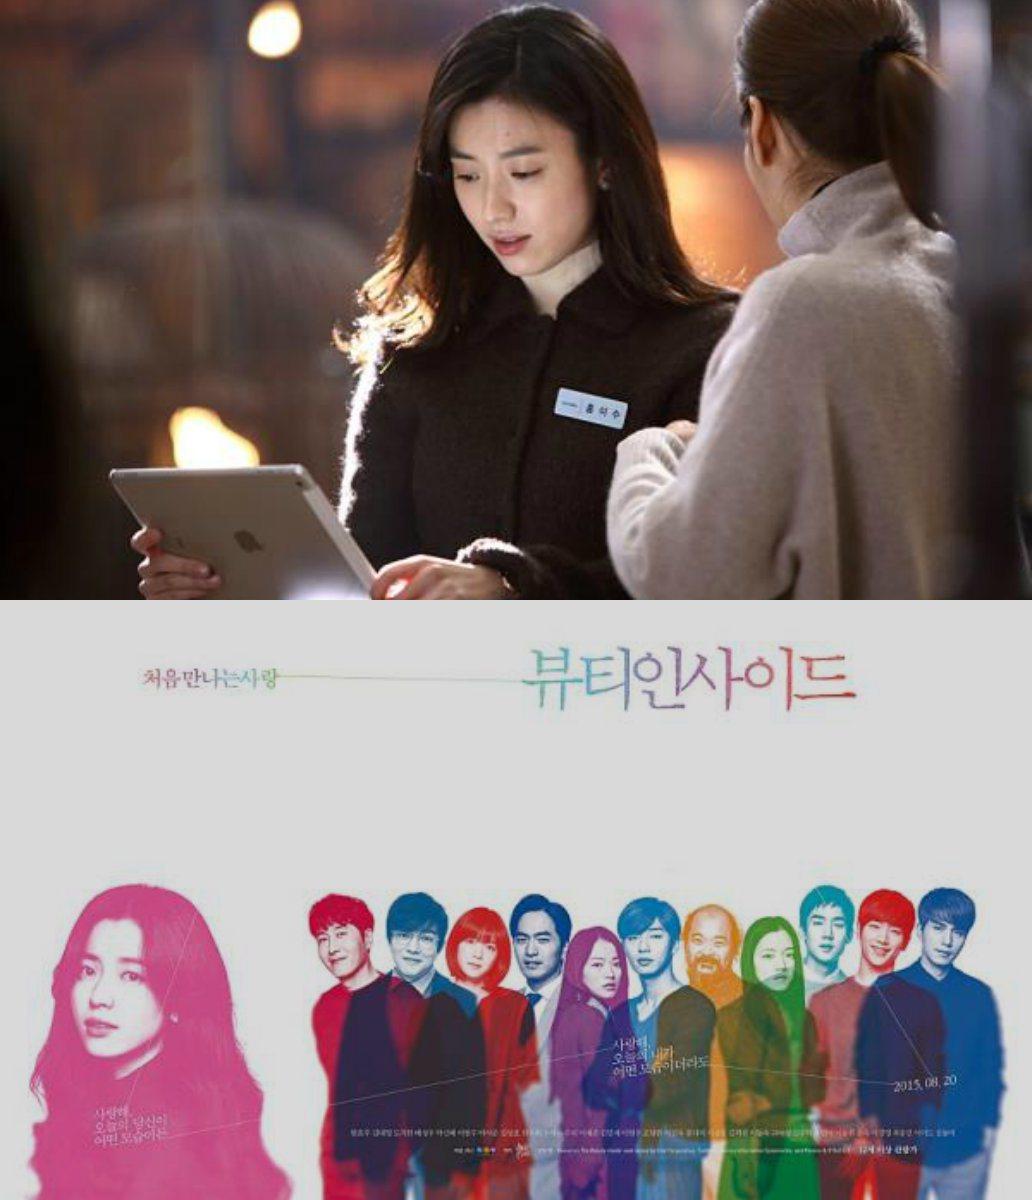 朝鮮日報中文網